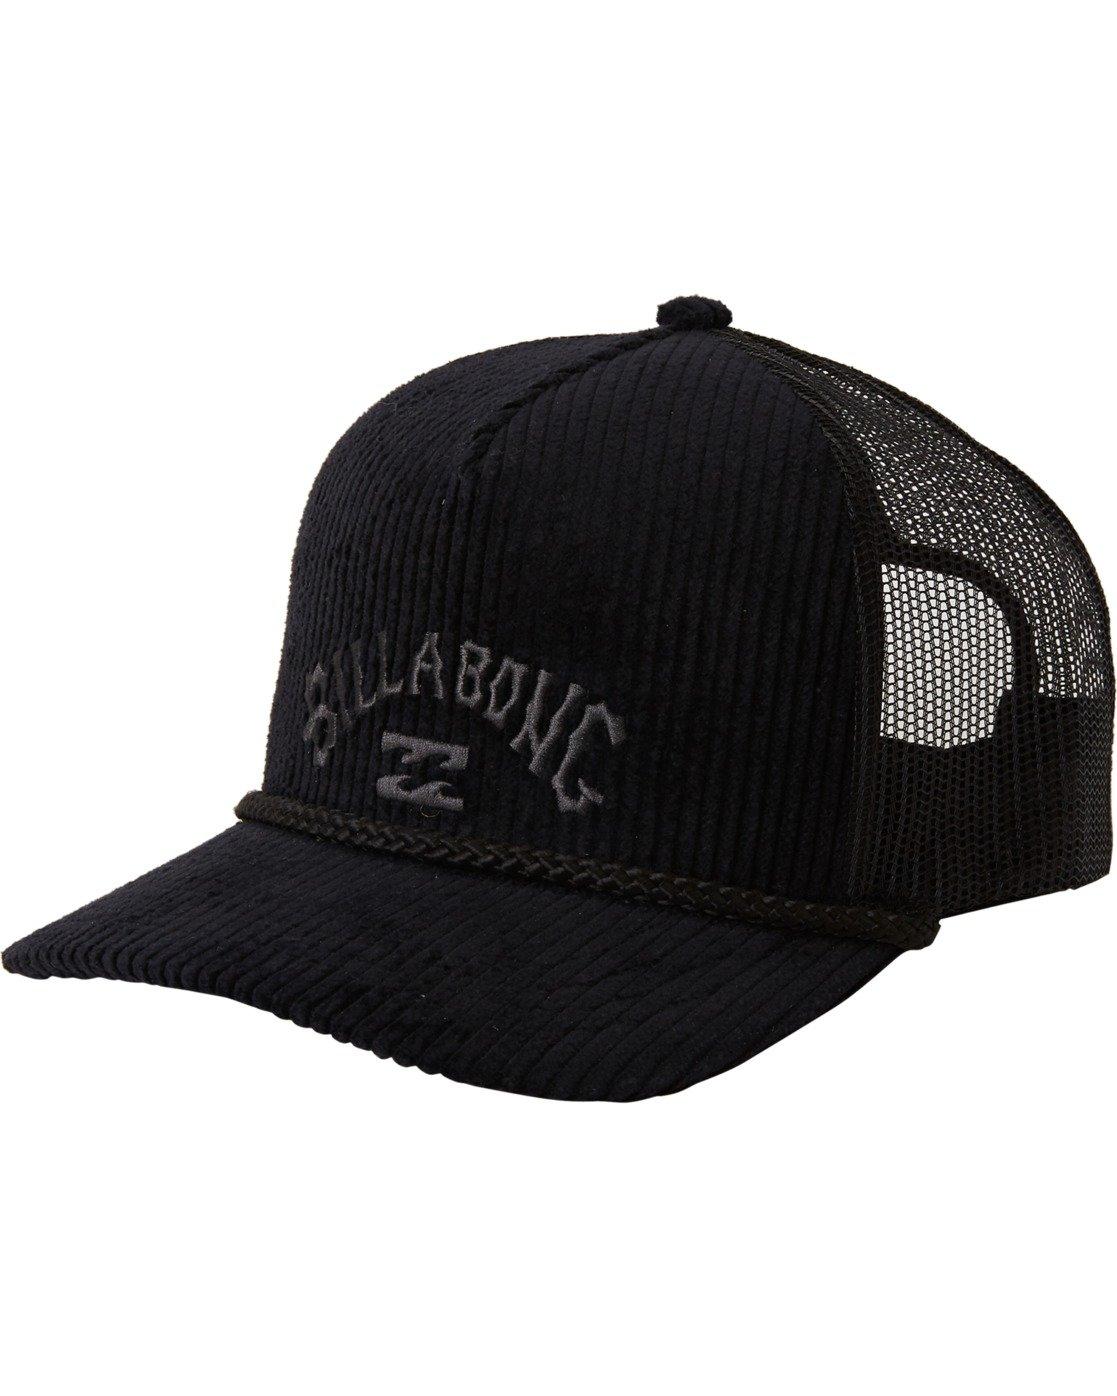 BILLABONG Arch Snapback Cap